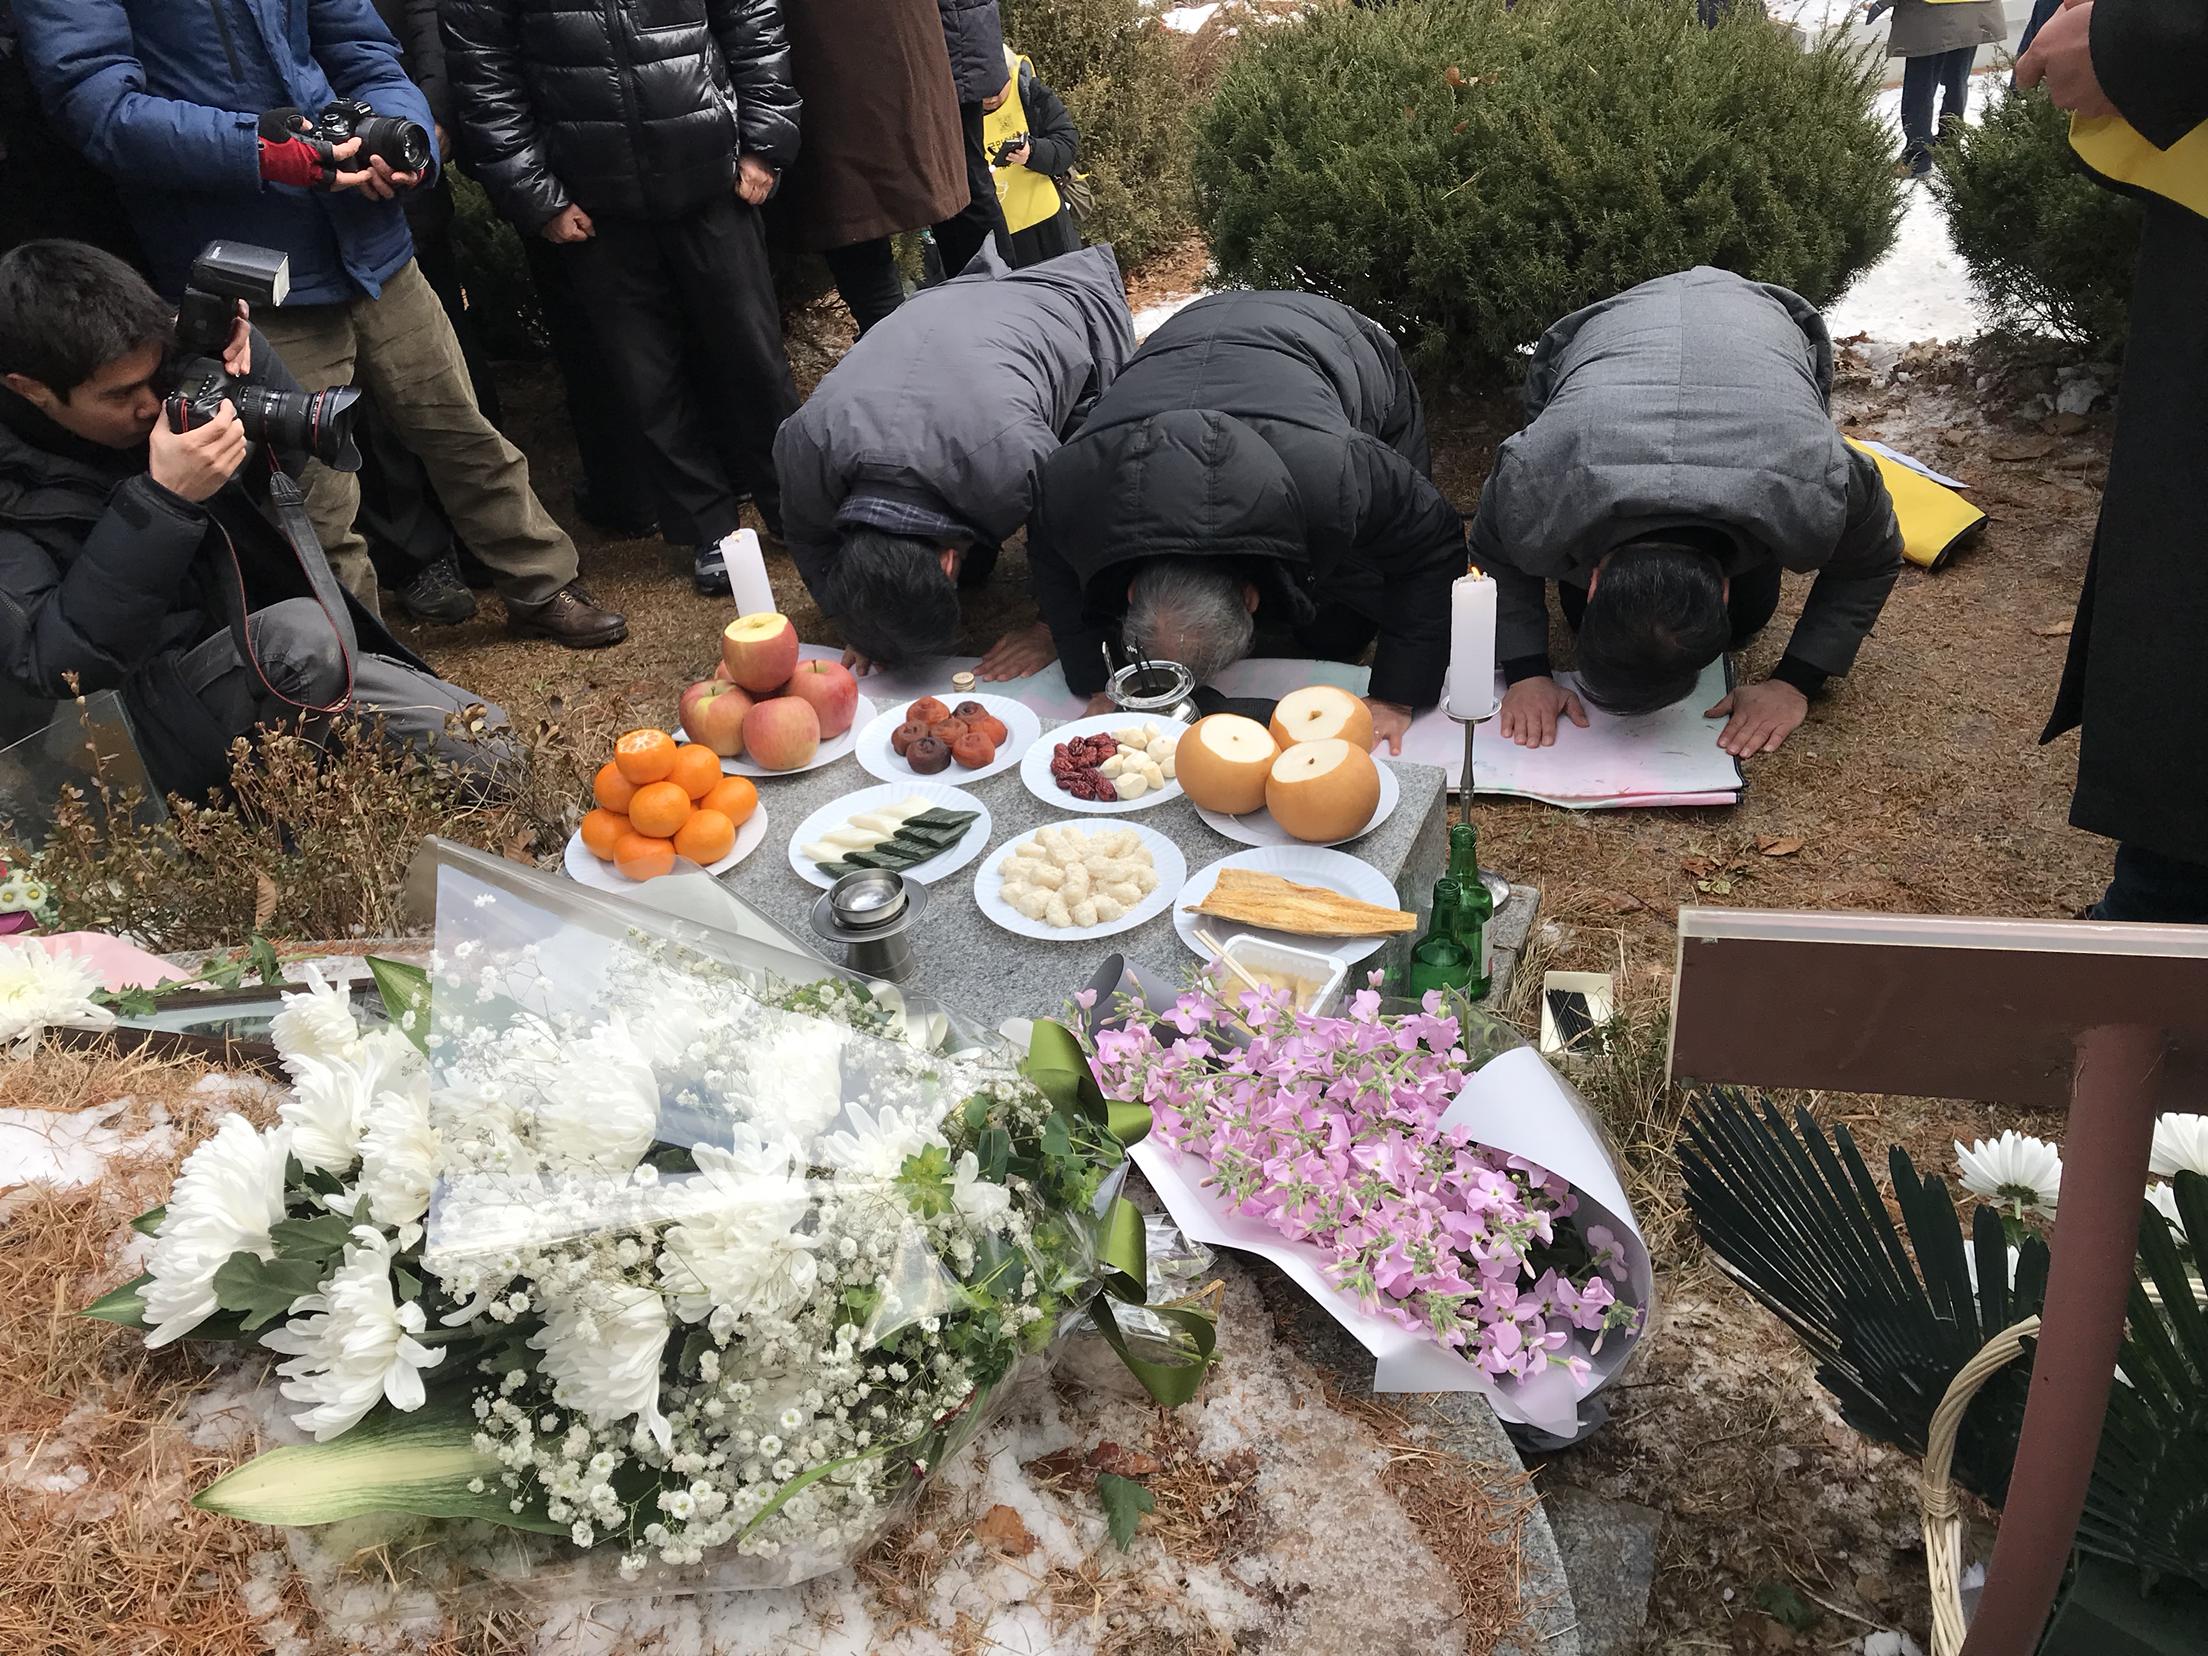 [현장화보] 박종철 열사 추모식과 남영동 대공분실 모습